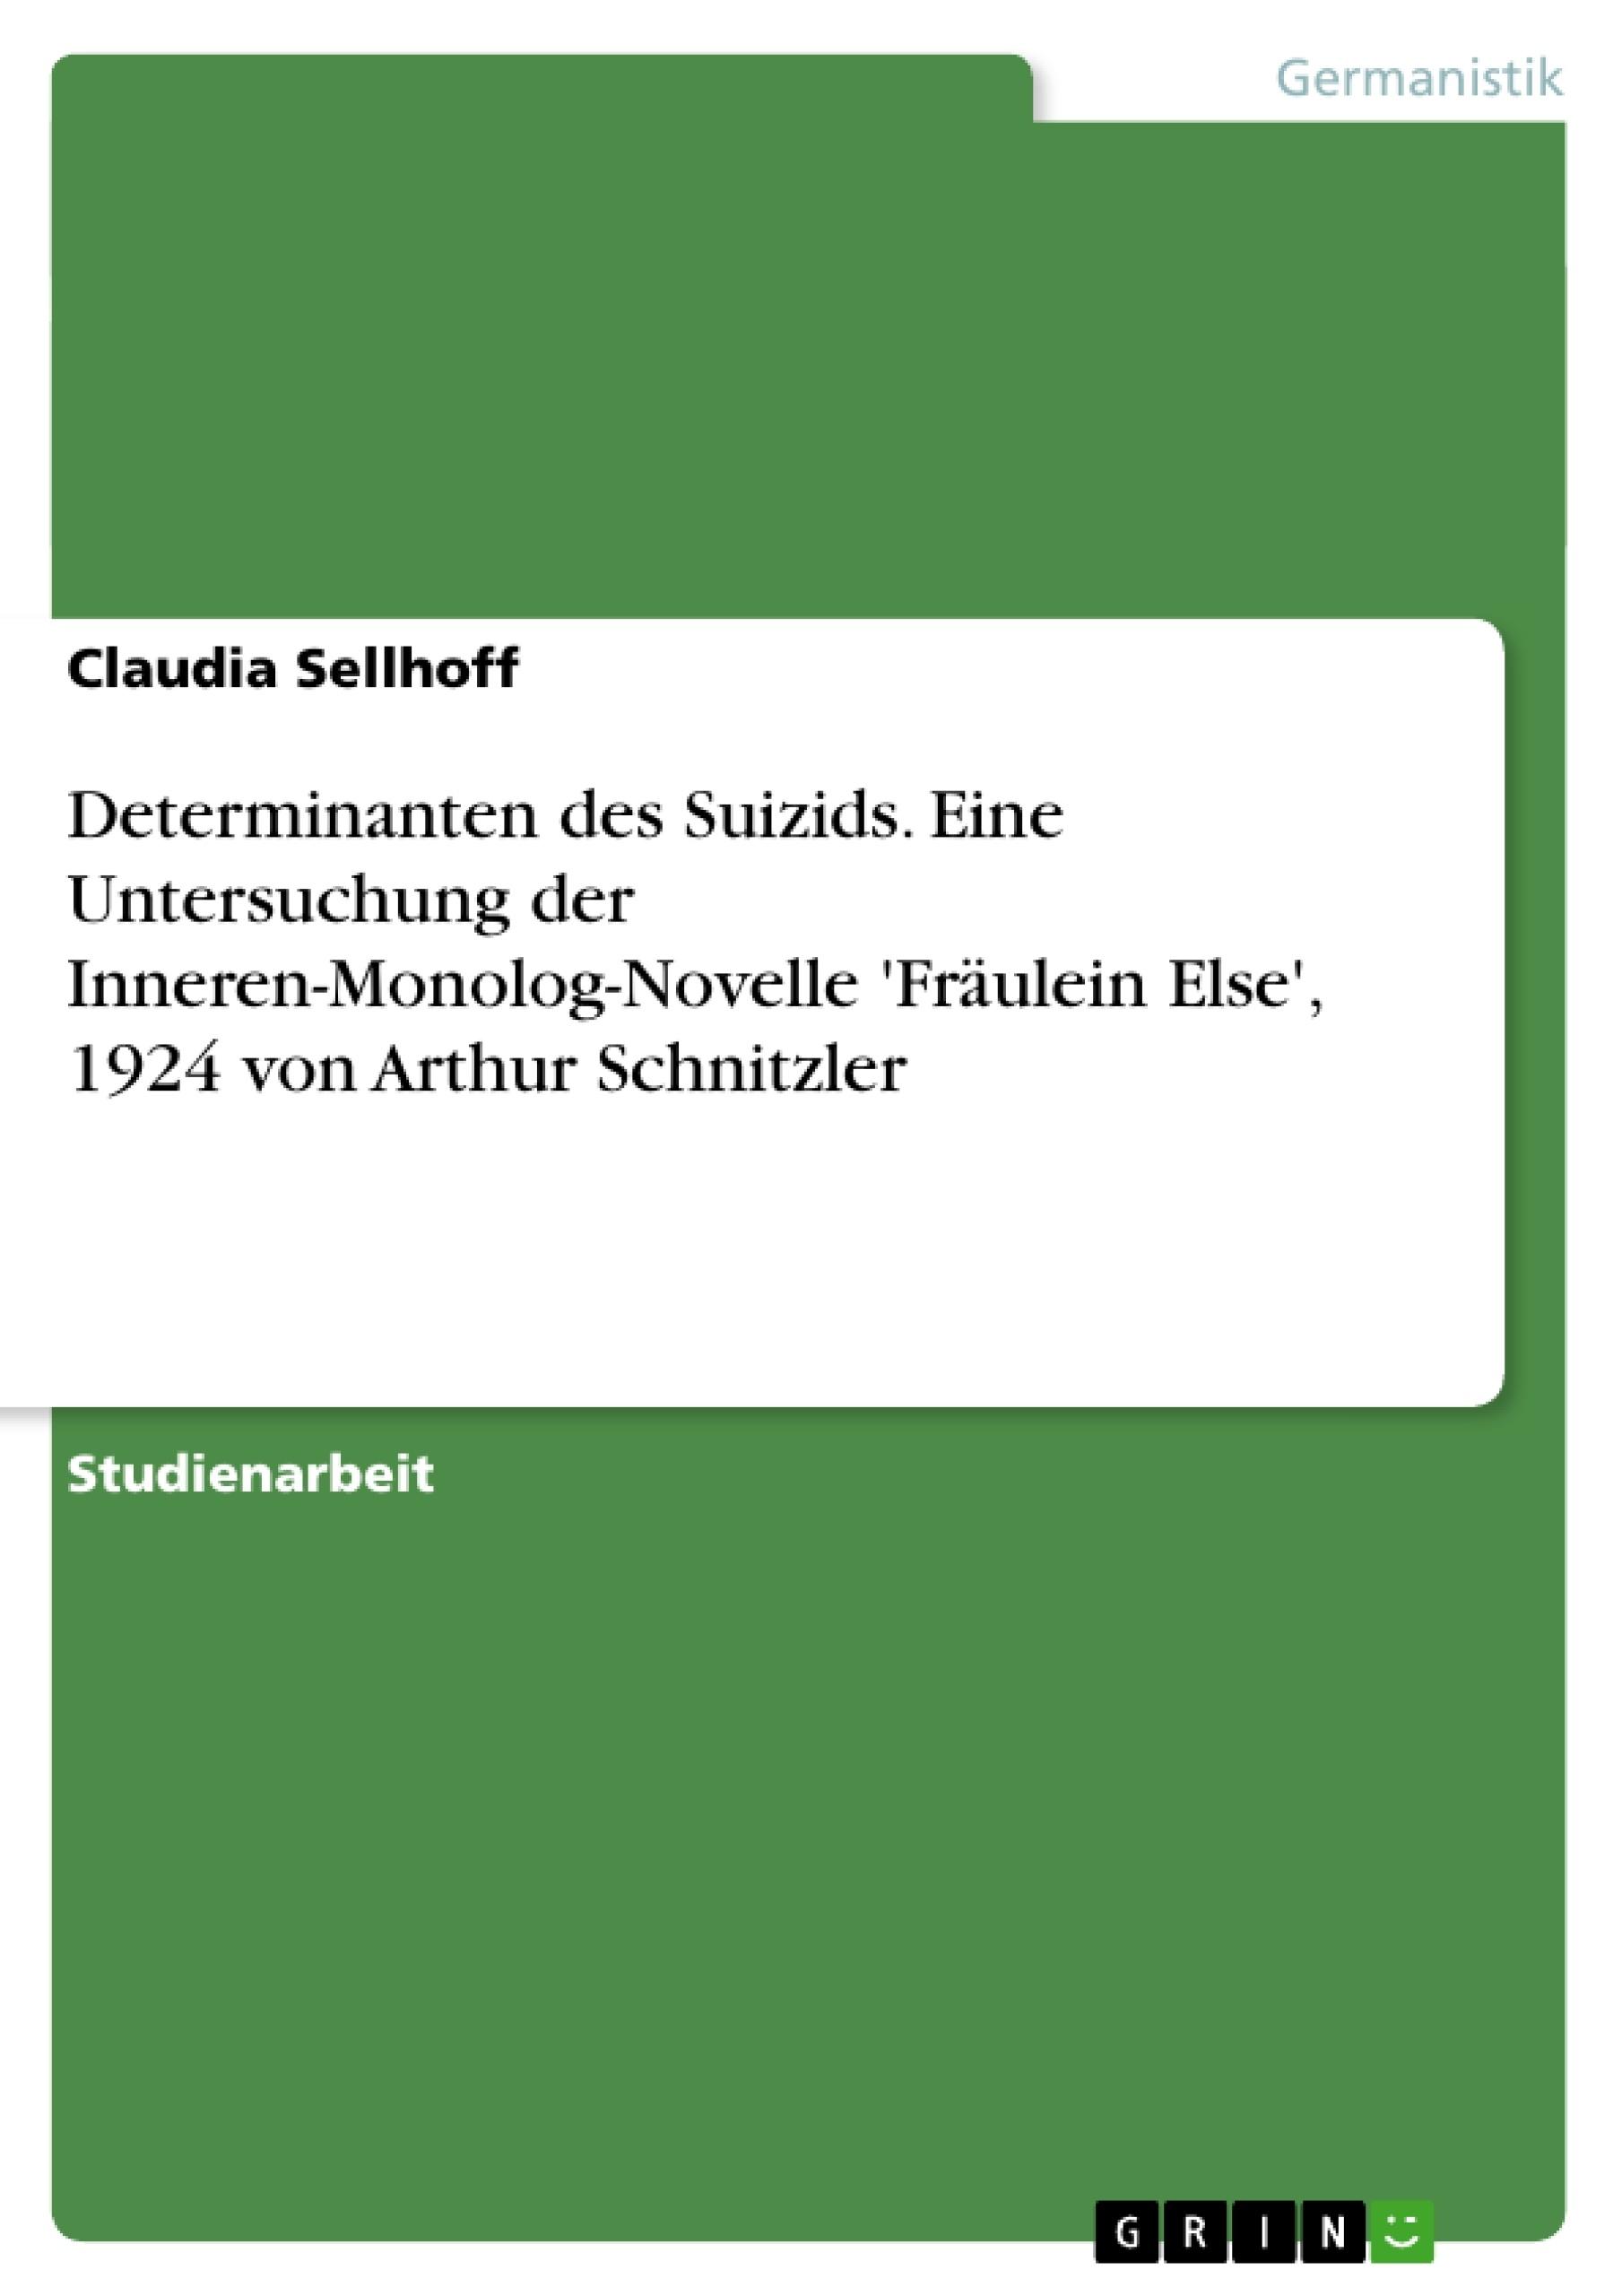 Titel: Determinanten des Suizids. Eine Untersuchung der Inneren-Monolog-Novelle 'Fräulein Else', 1924 von Arthur Schnitzler